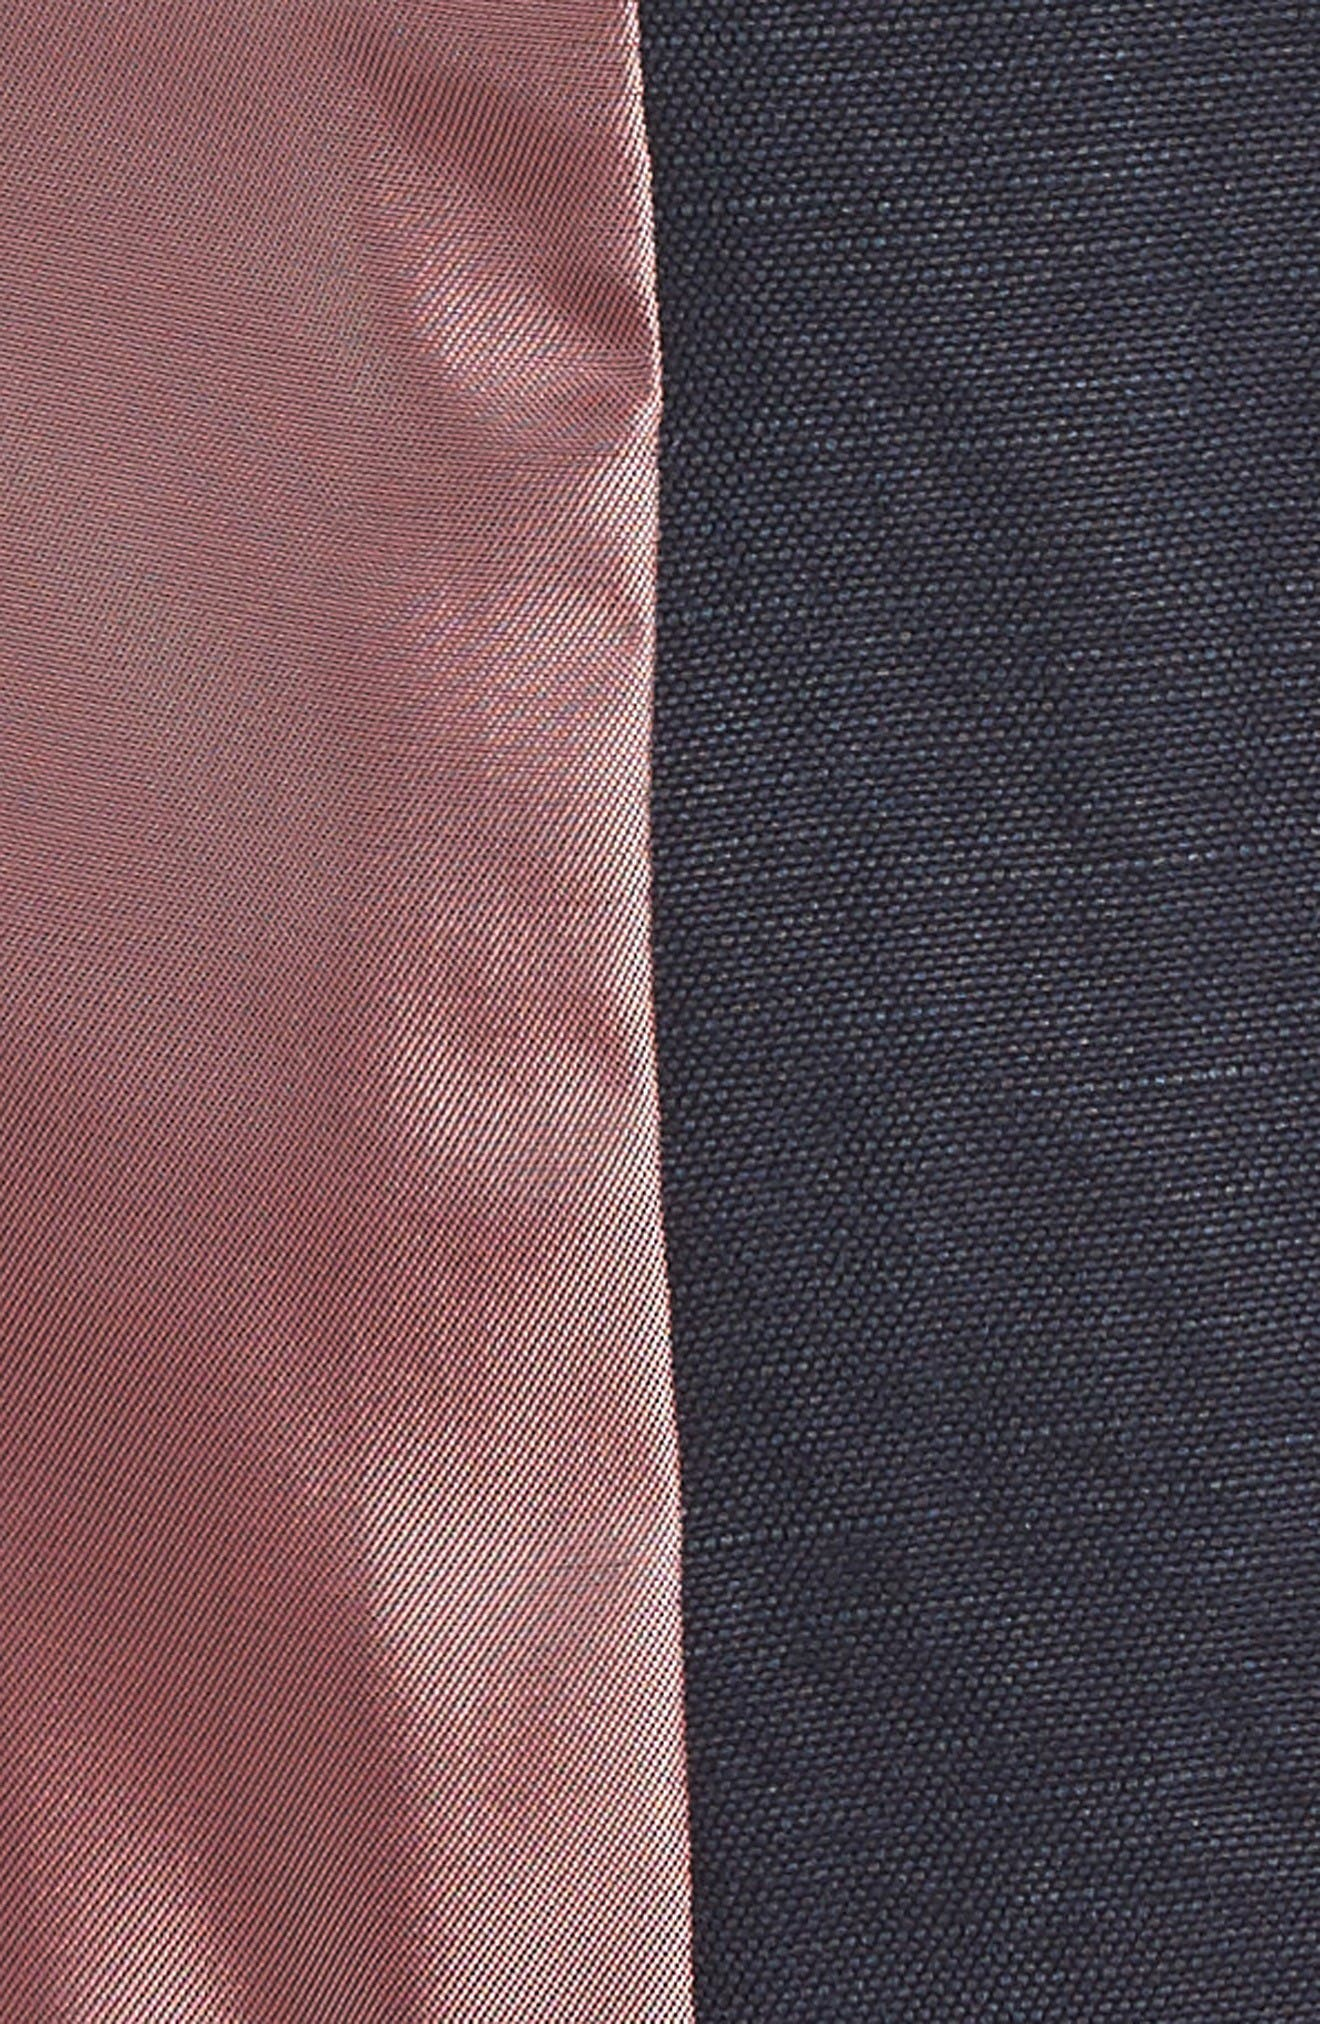 Hootie Solid Cotton & Linen Vest,                             Alternate thumbnail 5, color,                             Navy